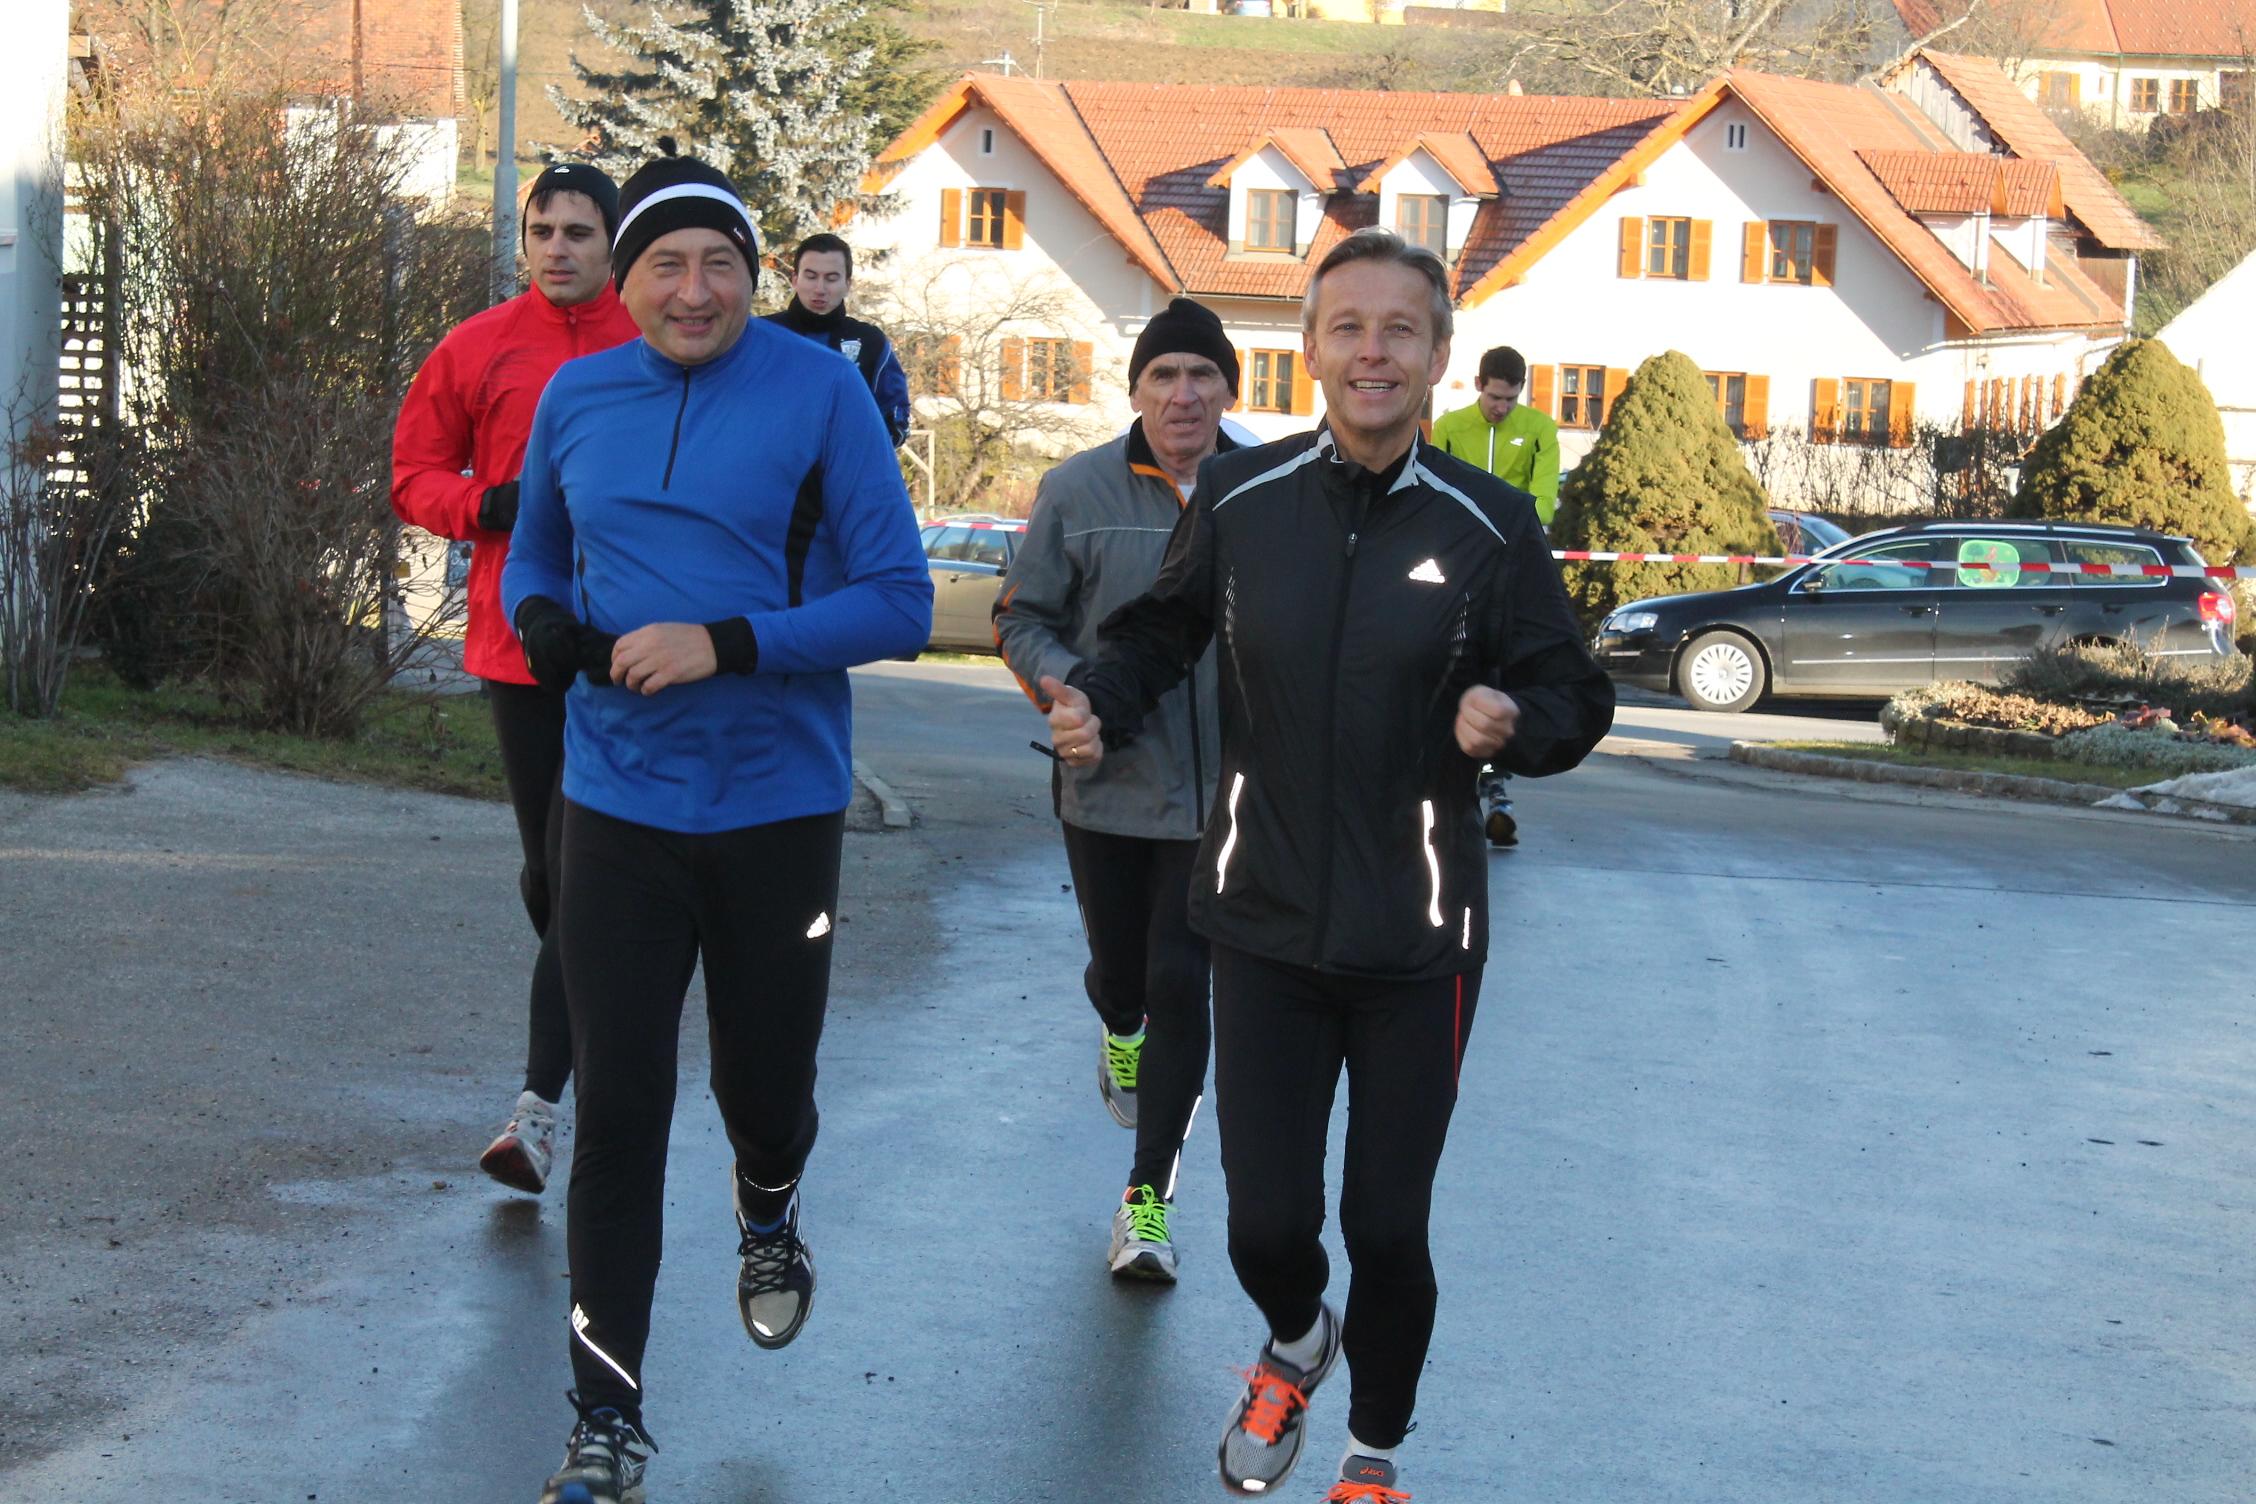 (c) BMEIA, STS Lopatka beim Silvesterlauf in Schildbach